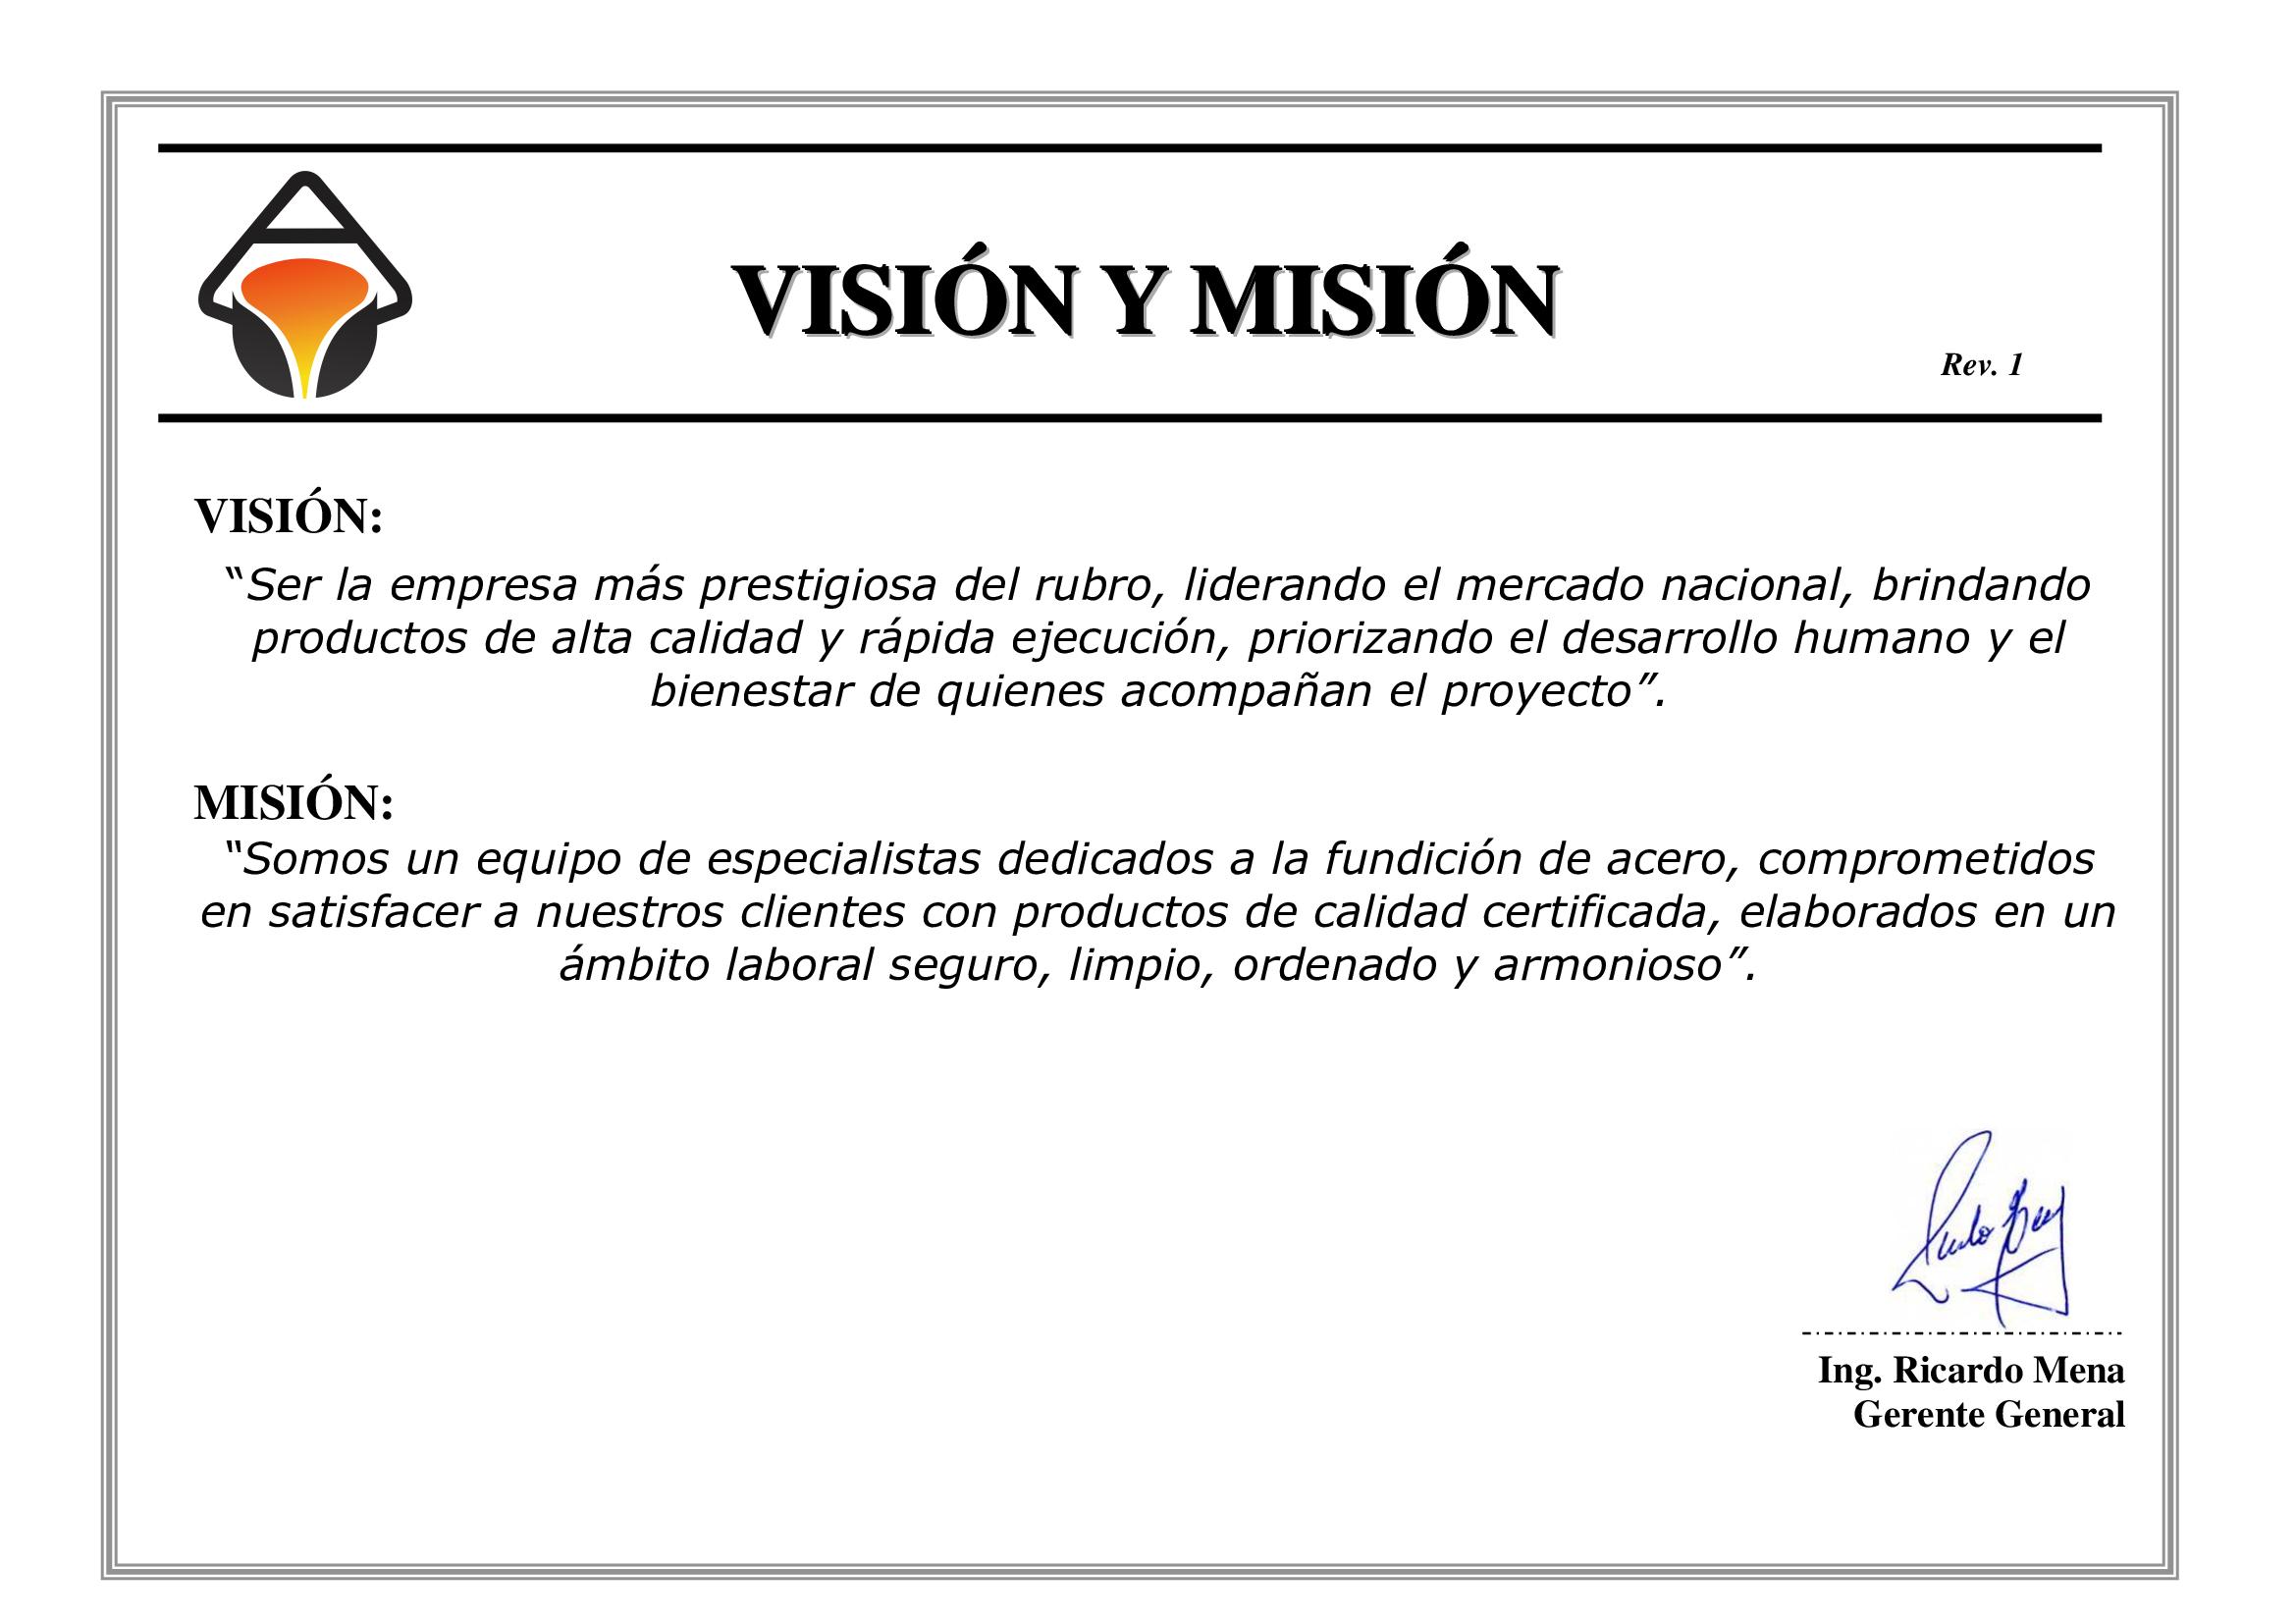 Cuadro-Visión-y-Misión-Rev.1